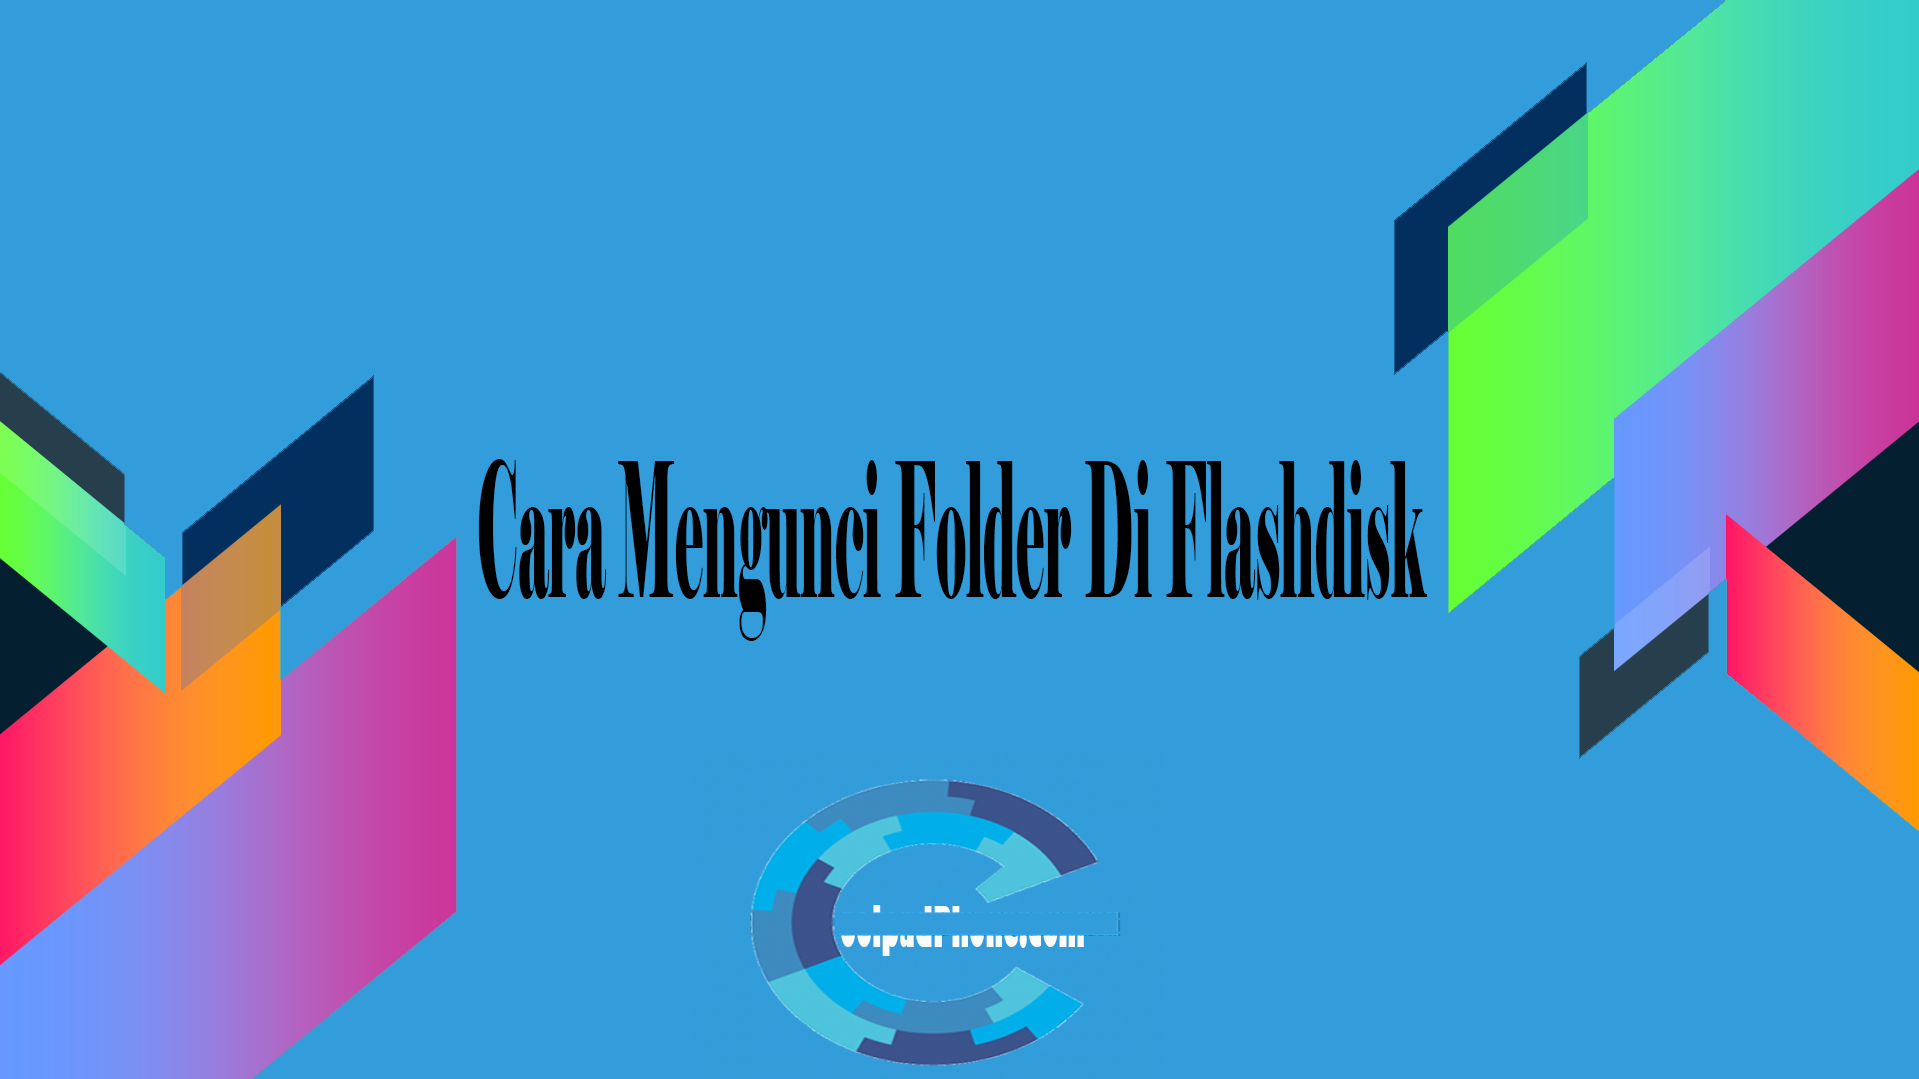 Cara Mengunci Folder Di Flashdisk